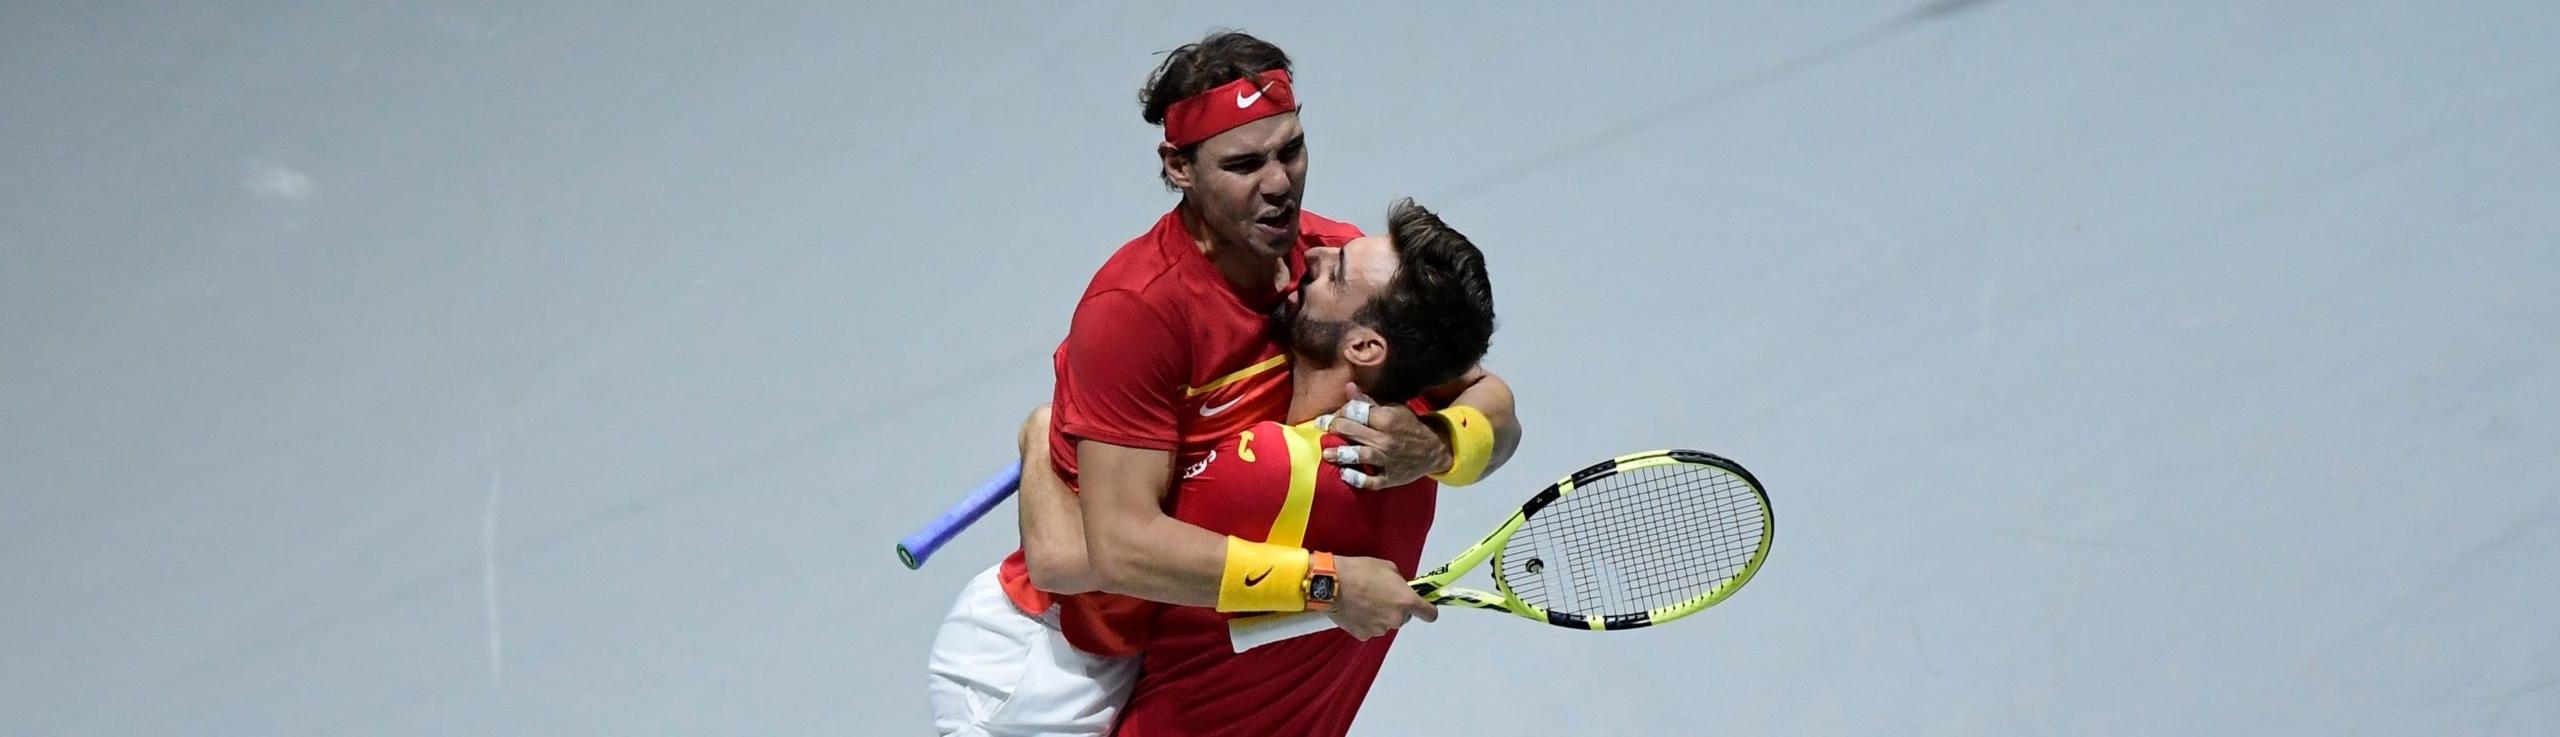 Coppa Davis: Russia e Spagna favorite per la finale